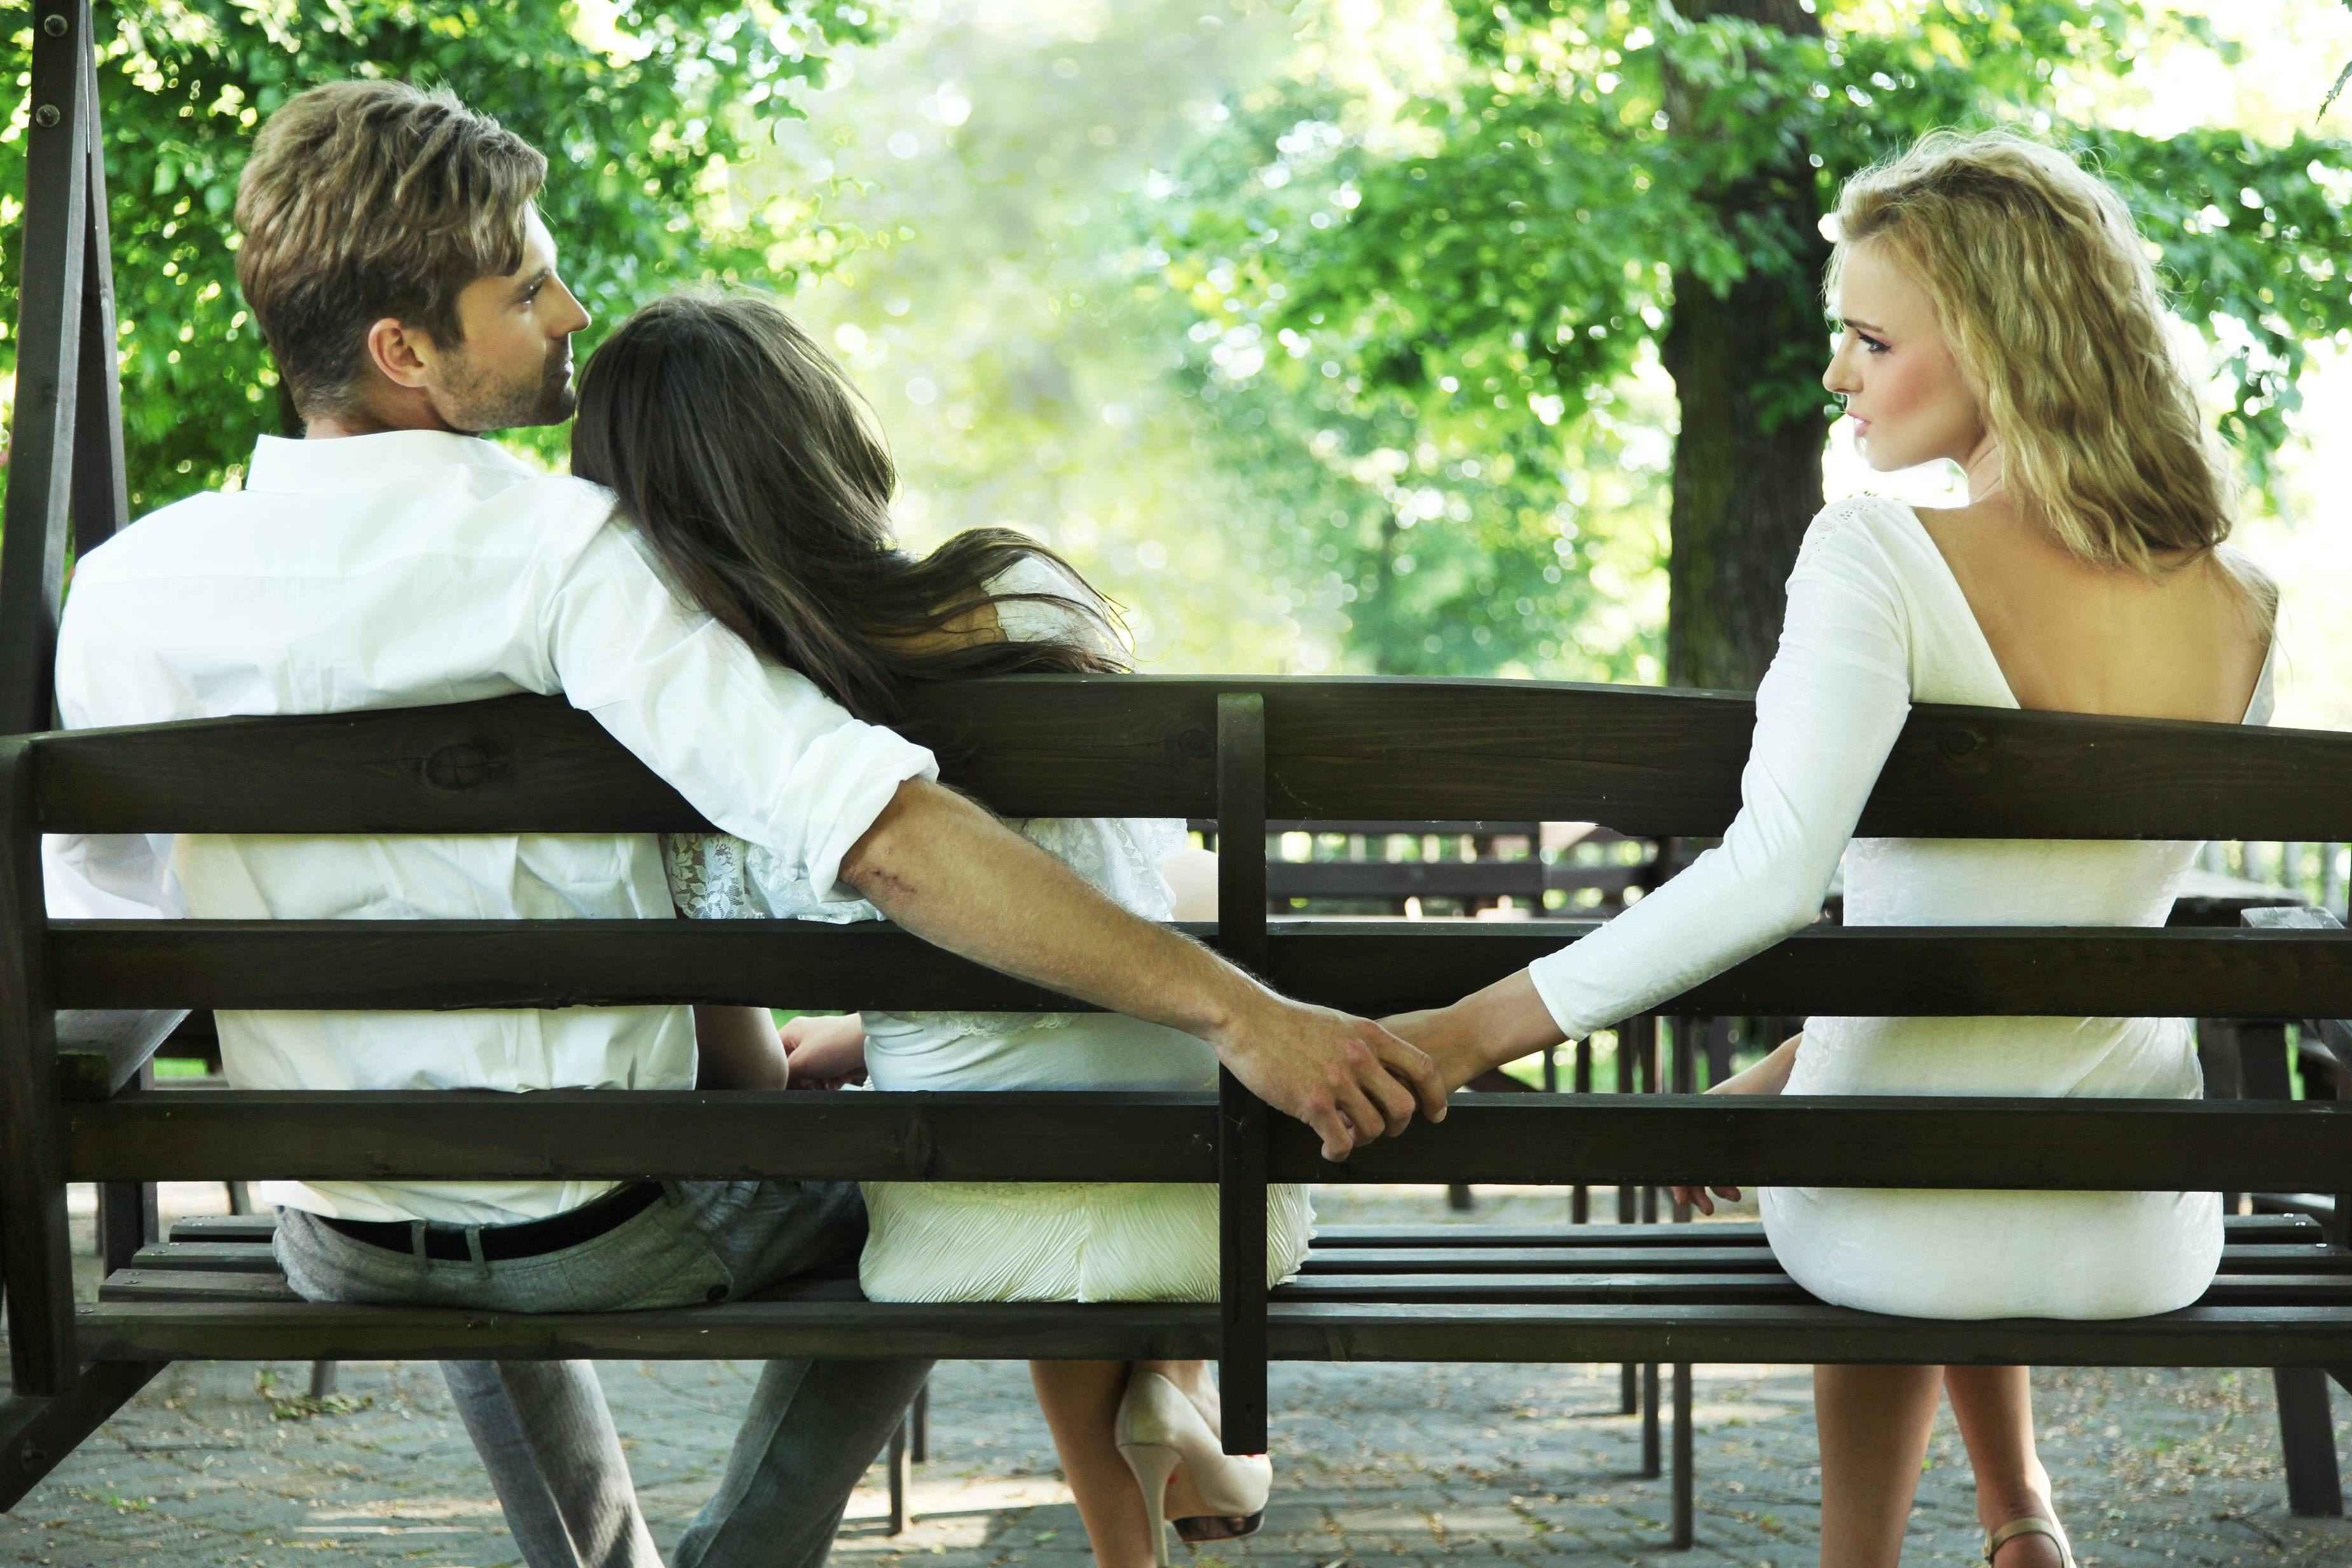 L'adulterio in casa costituisce reato